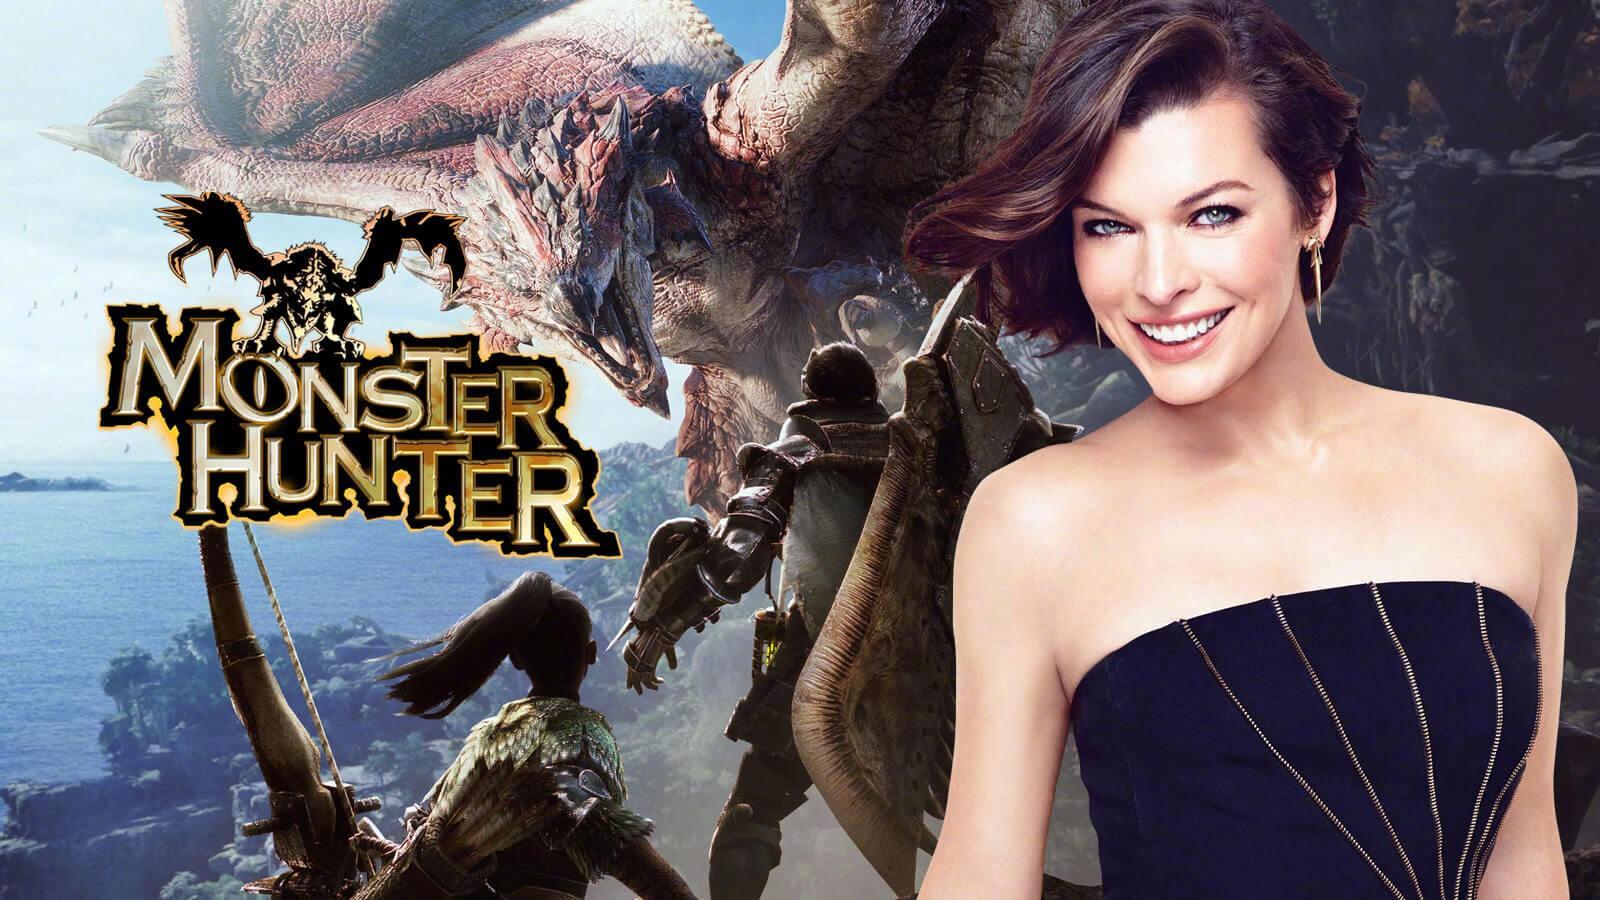 《怪物猎人》 真人电影剧情曝光 保护地球不受怪物攻击